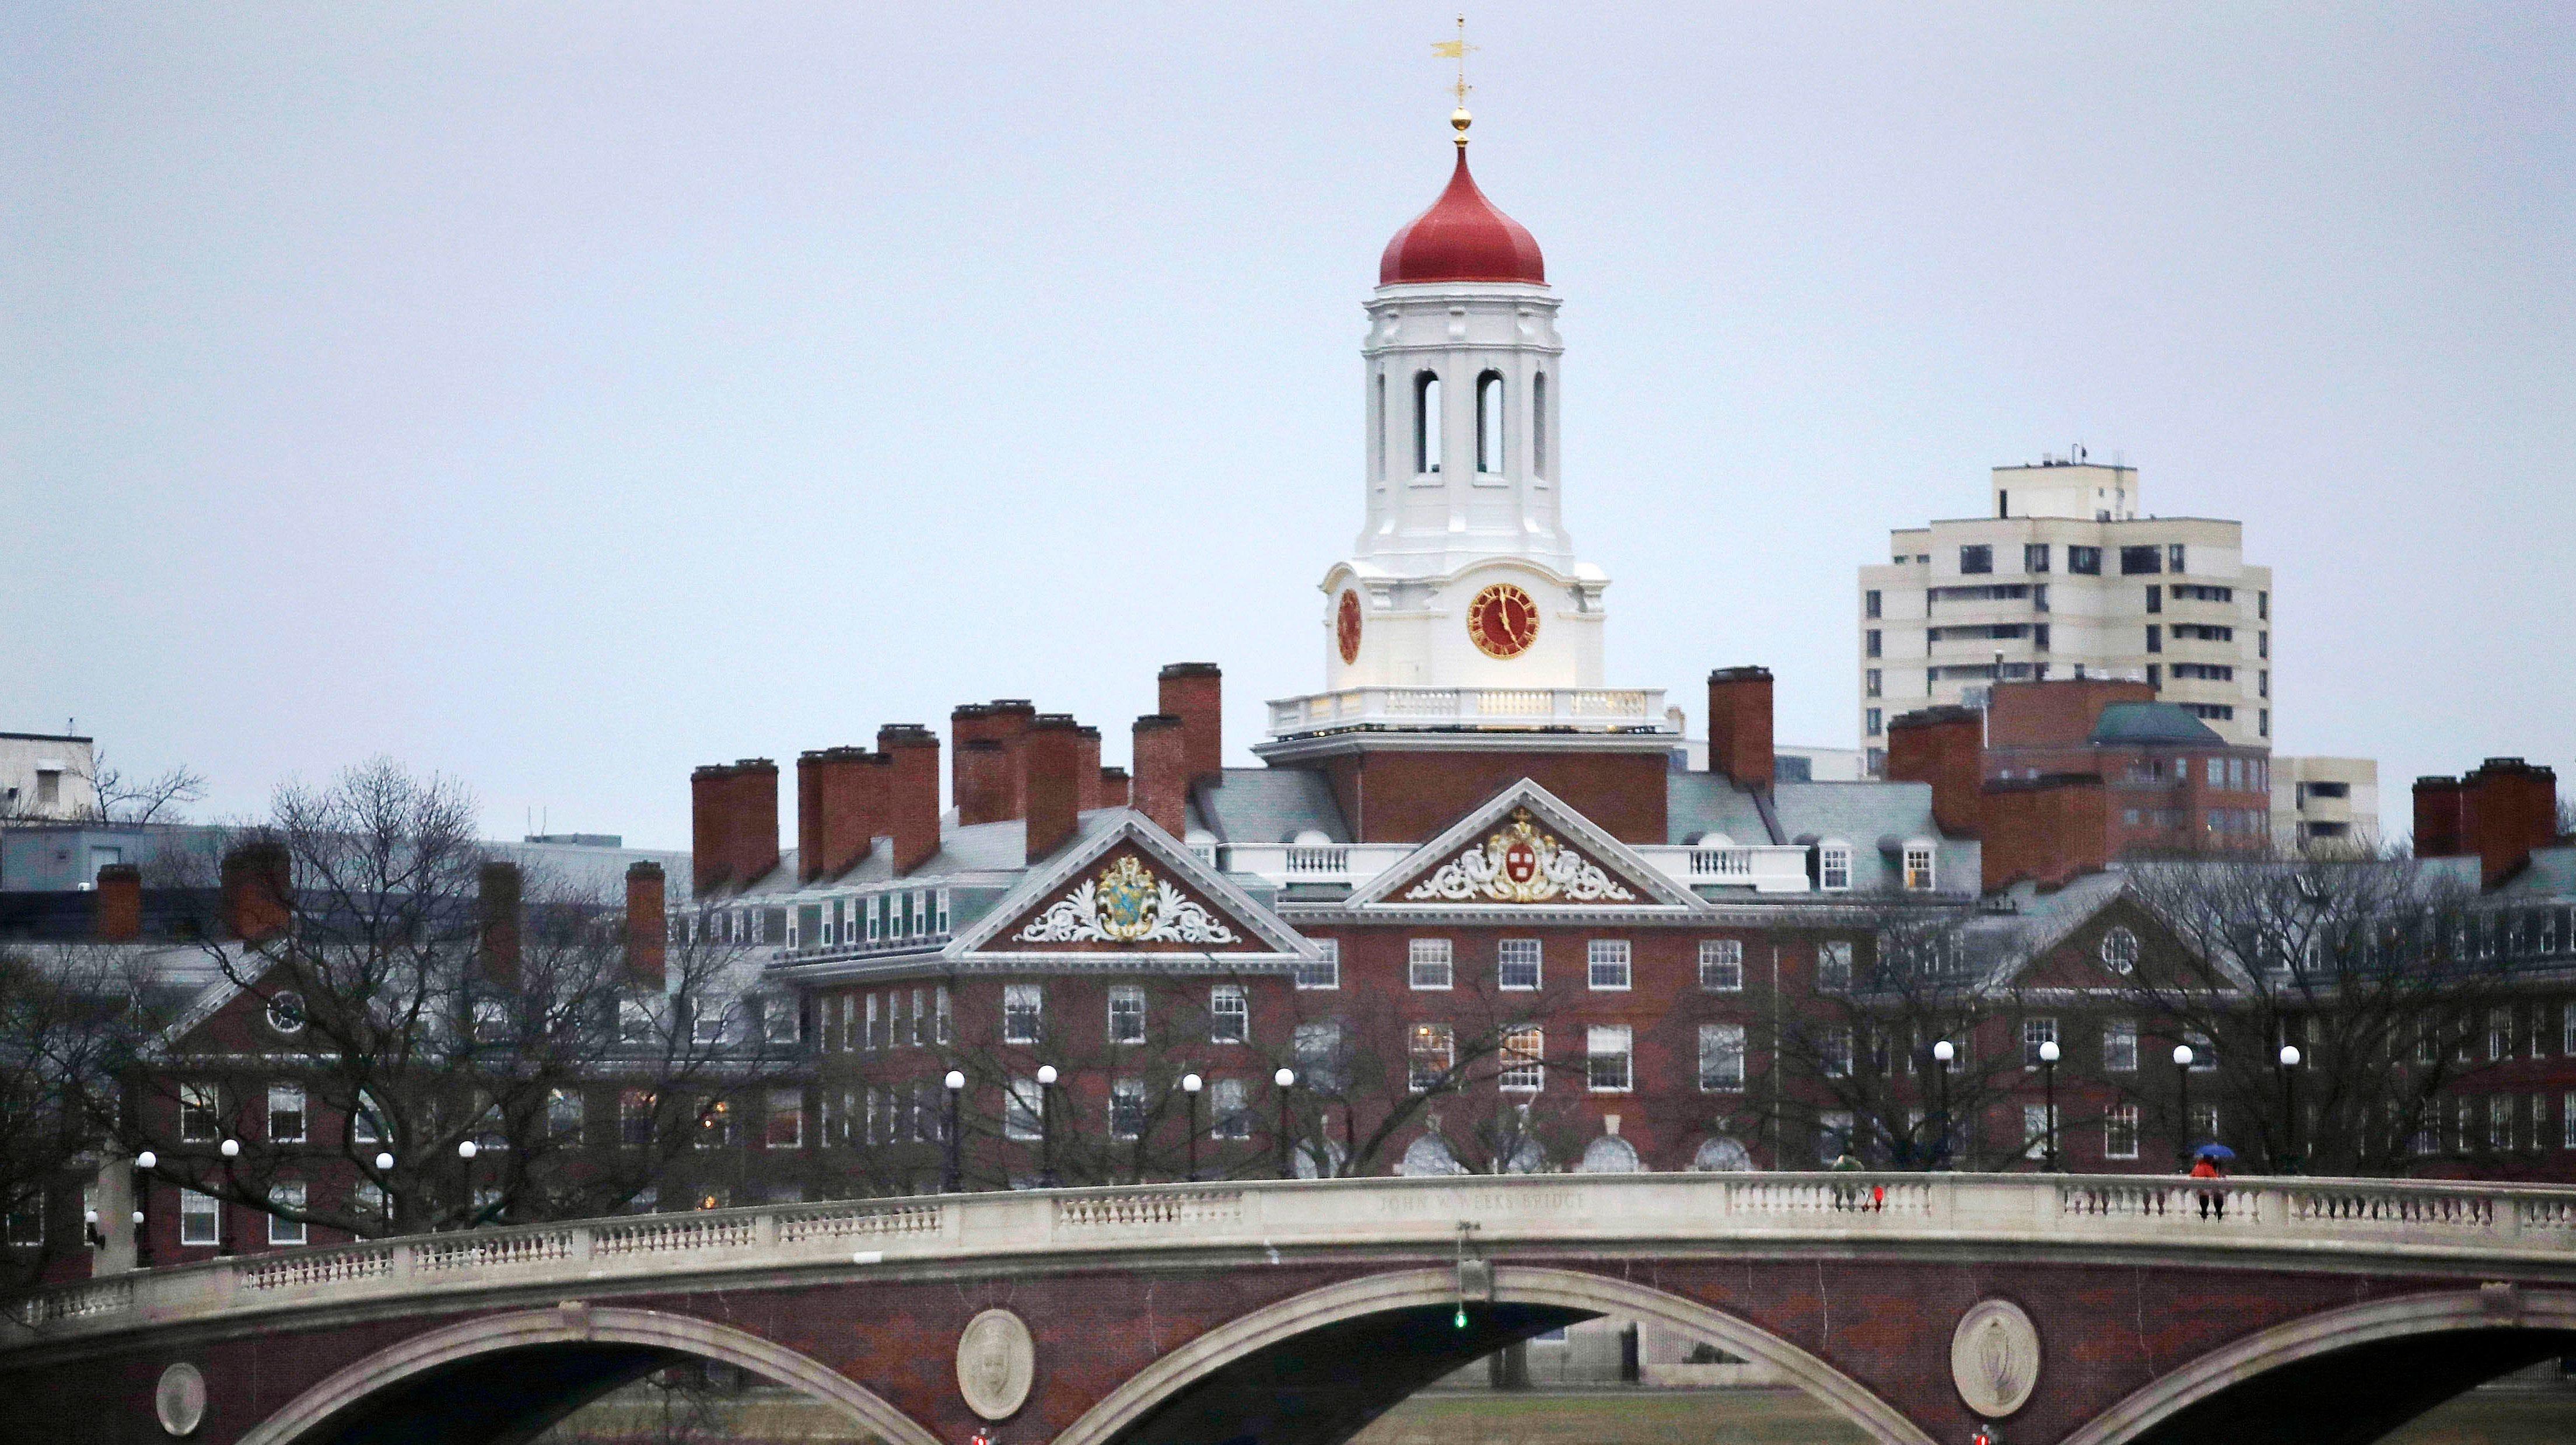 Harvard College campus in Cambridge, Massachusetts.